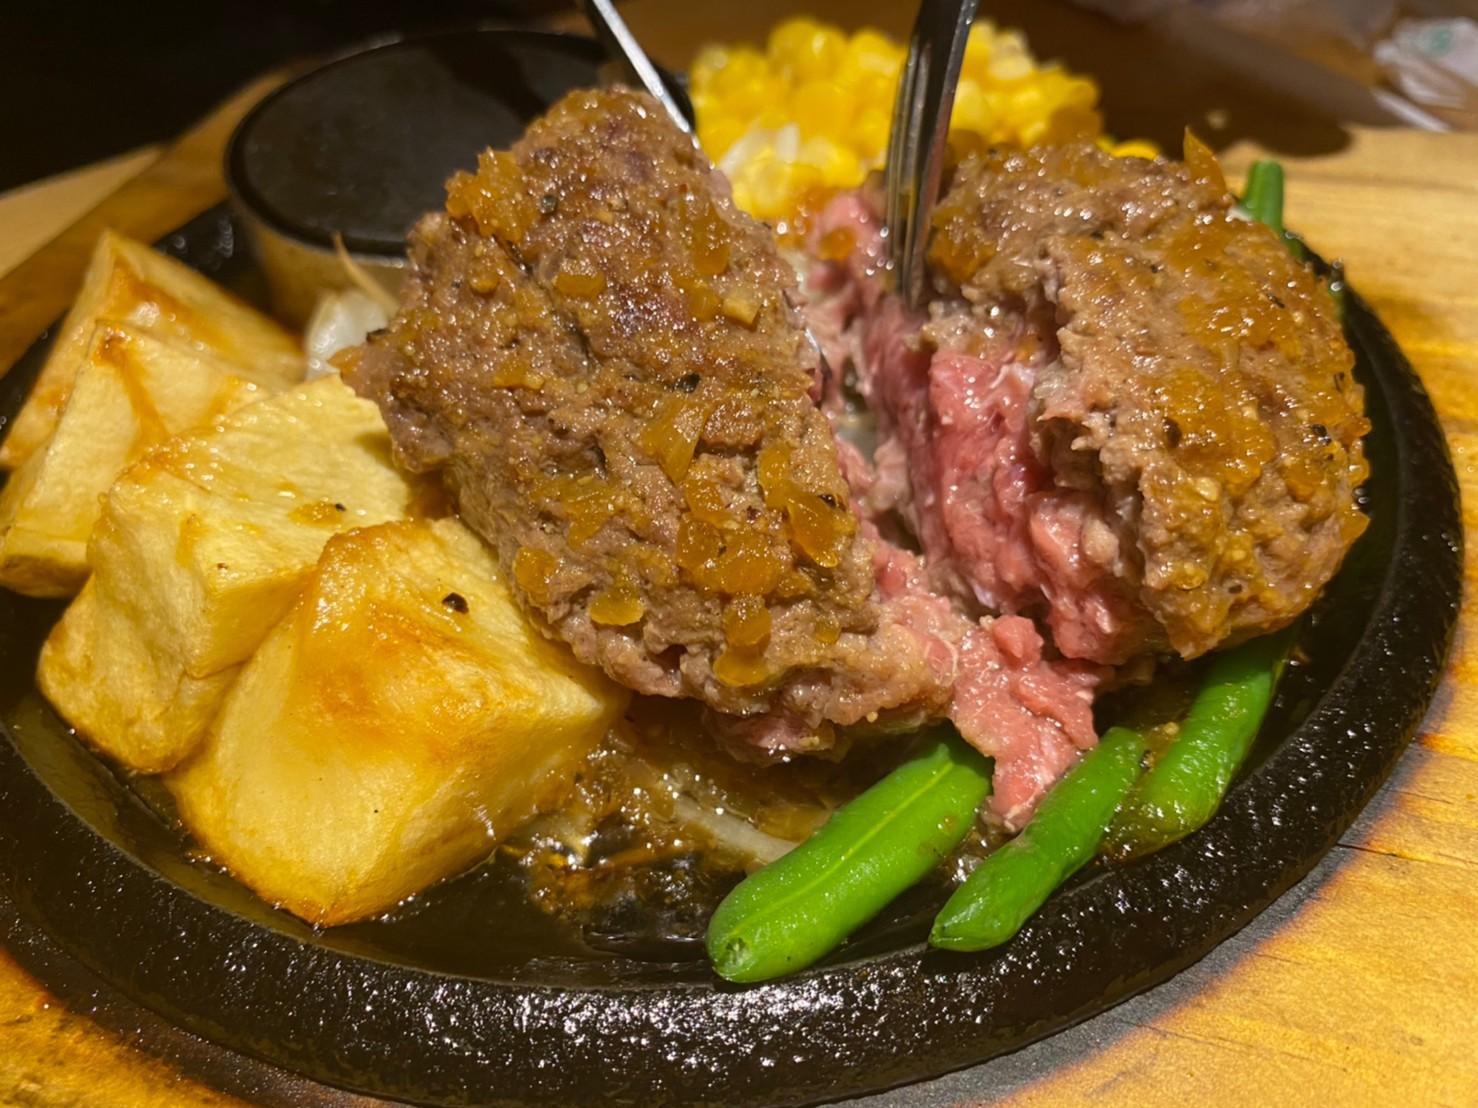 上社|大人から子供までみんな大好き!名古屋民に愛される、肉肉しいハンバーグが食べられるレストラン